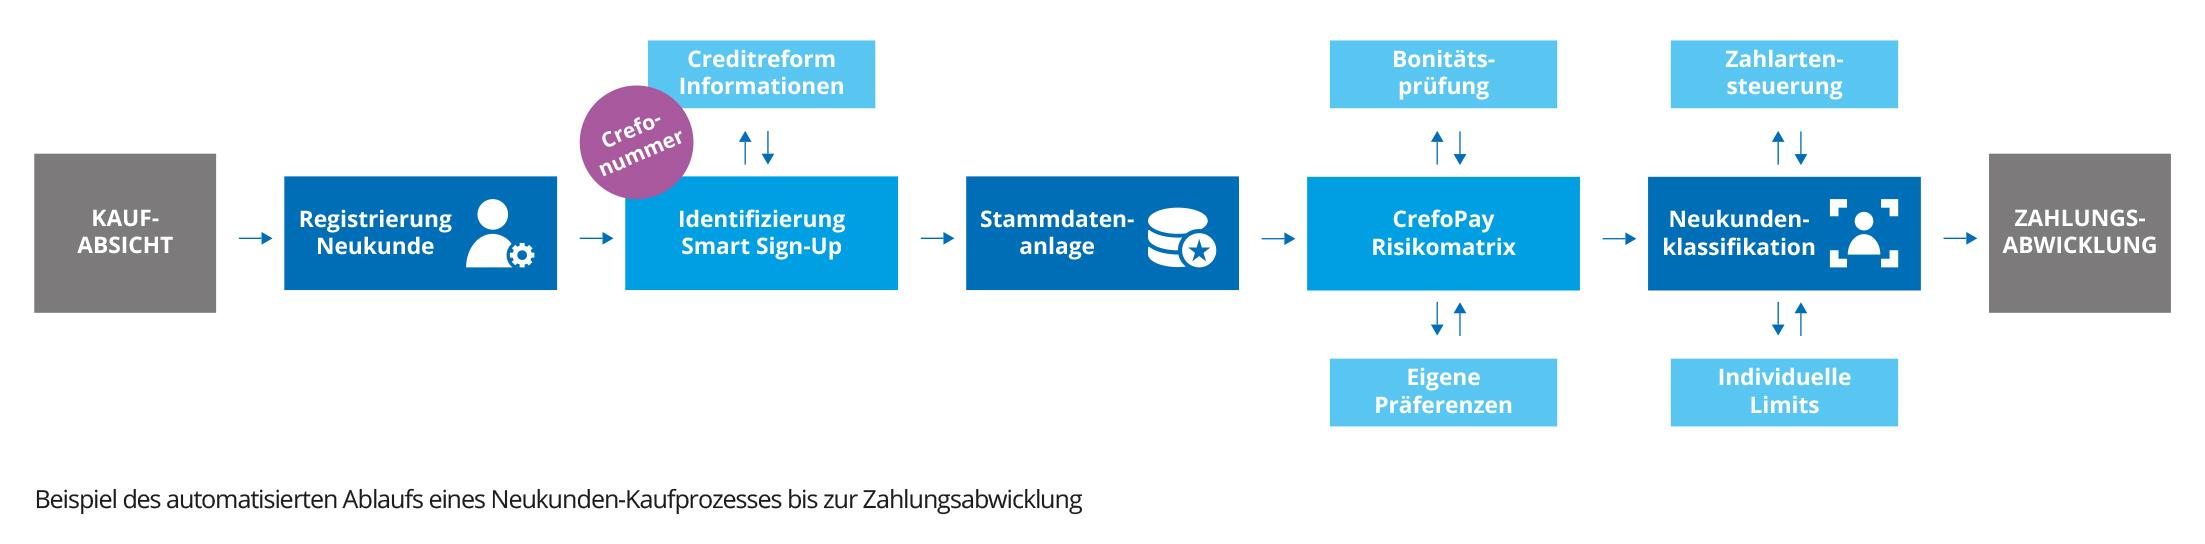 Beispiel des automatisierten Ablaufs eines Neukunden-Kaufprozesses bis zur Zahlungsabwicklung